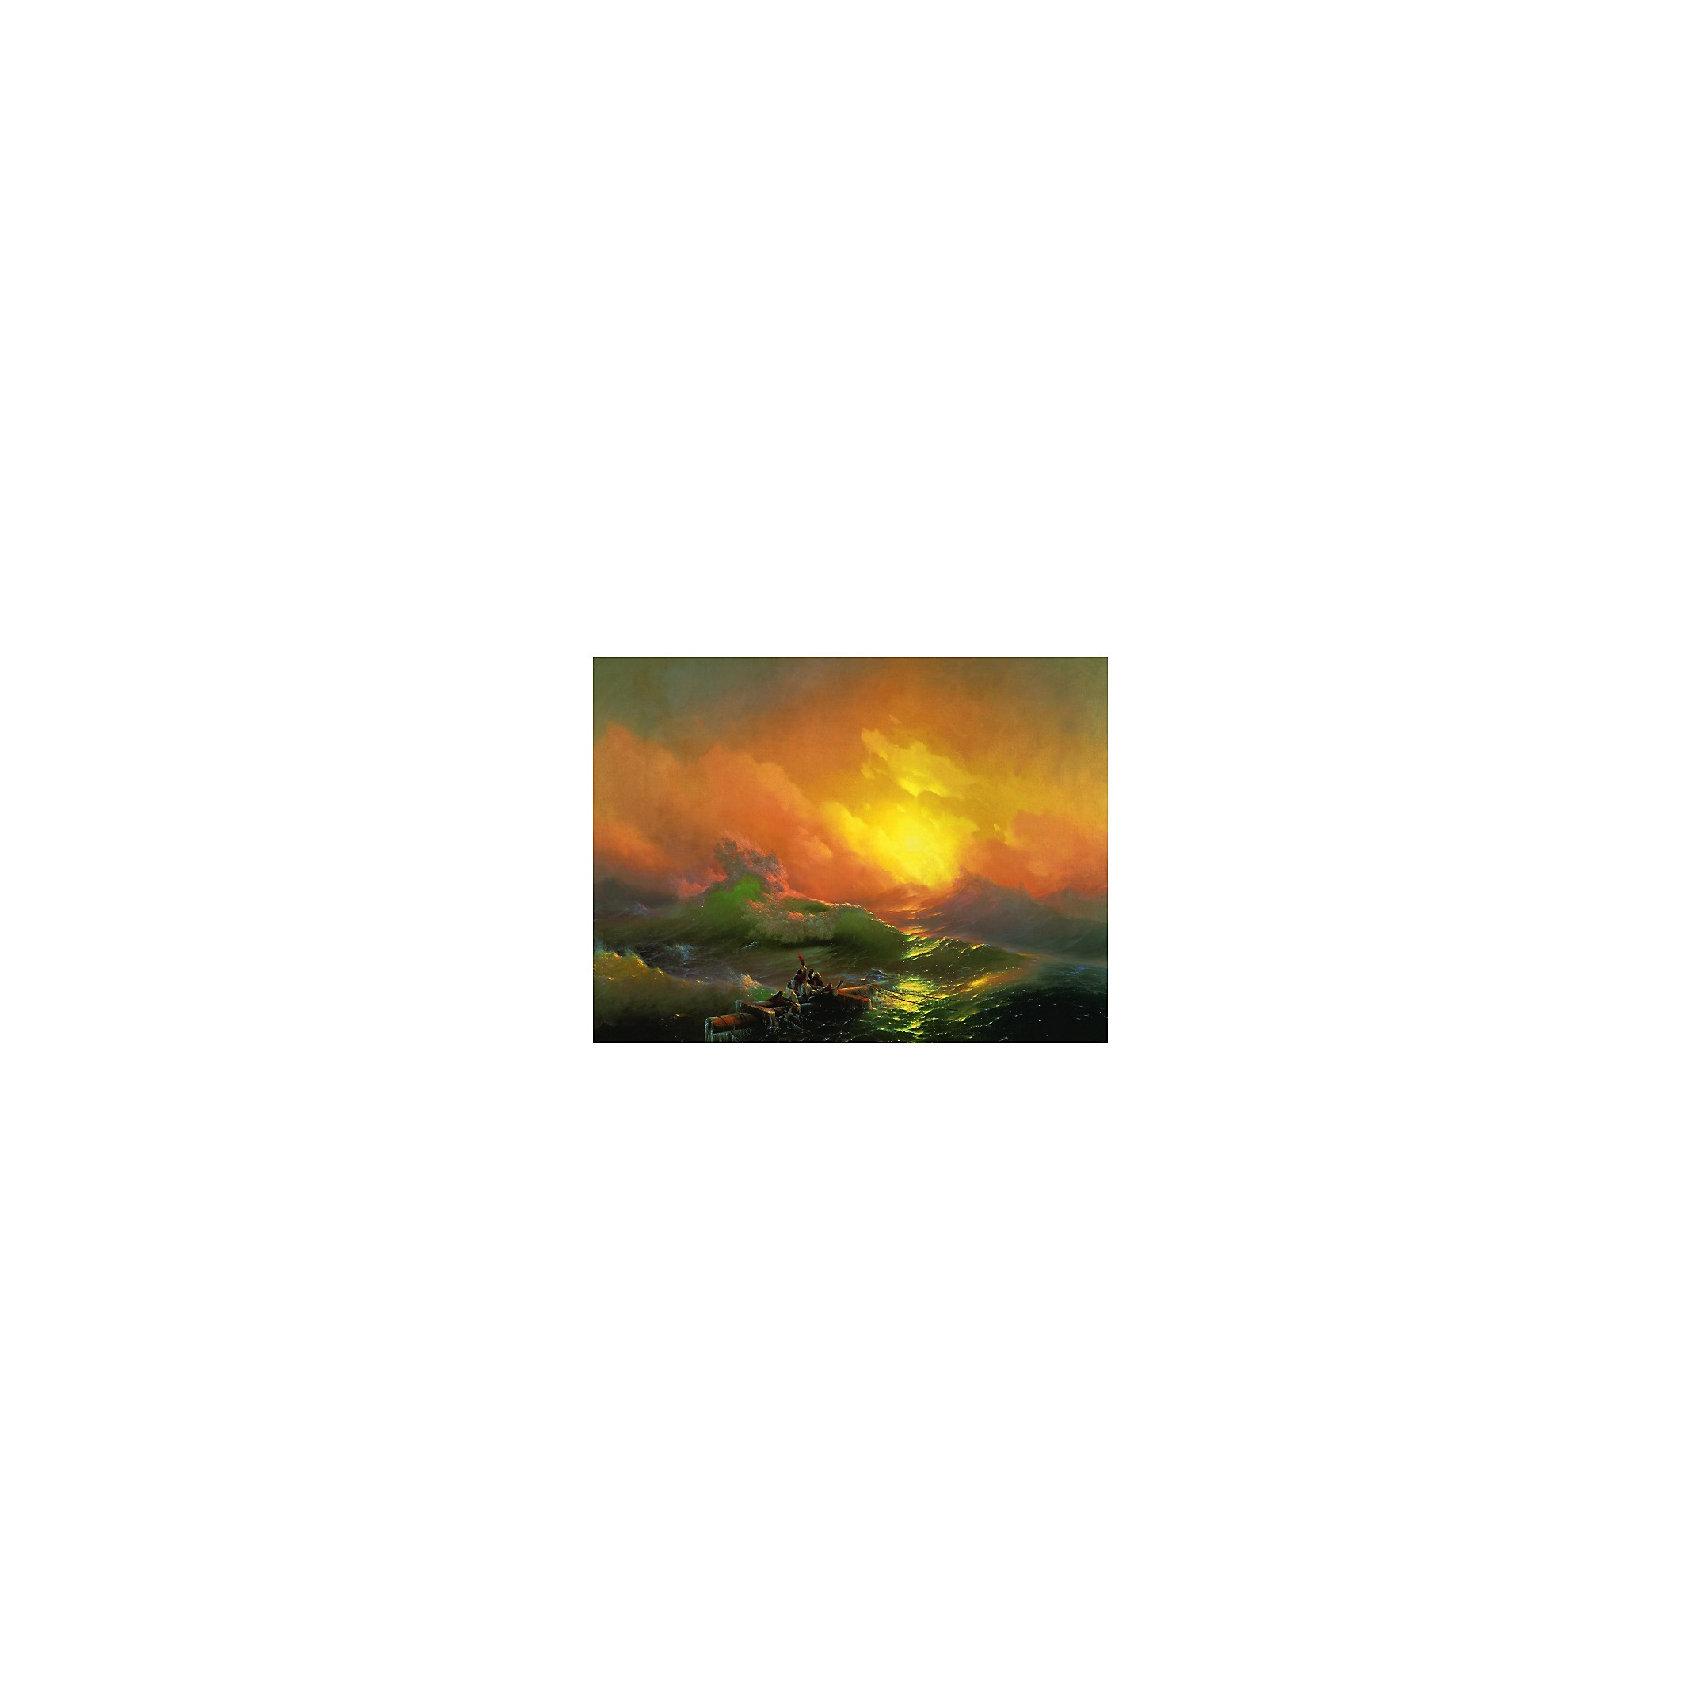 Картина по номерам Айвазовский: Девятый вал, 40*50 смРисование<br>Картины с раскраской по номерам размером 40*50. На деревянном подрамнике, с прогрунтованным холстом и  нанесенными контурами картины, с указанием цвета закраски, акриловыми красками, 3 кисточками и креплением на стену. Уровень сложности, количество красок указаны на коробке.<br><br>Ширина мм: 500<br>Глубина мм: 400<br>Высота мм: 40<br>Вес г: 730<br>Возраст от месяцев: 108<br>Возраст до месяцев: 2147483647<br>Пол: Унисекс<br>Возраст: Детский<br>SKU: 5417677